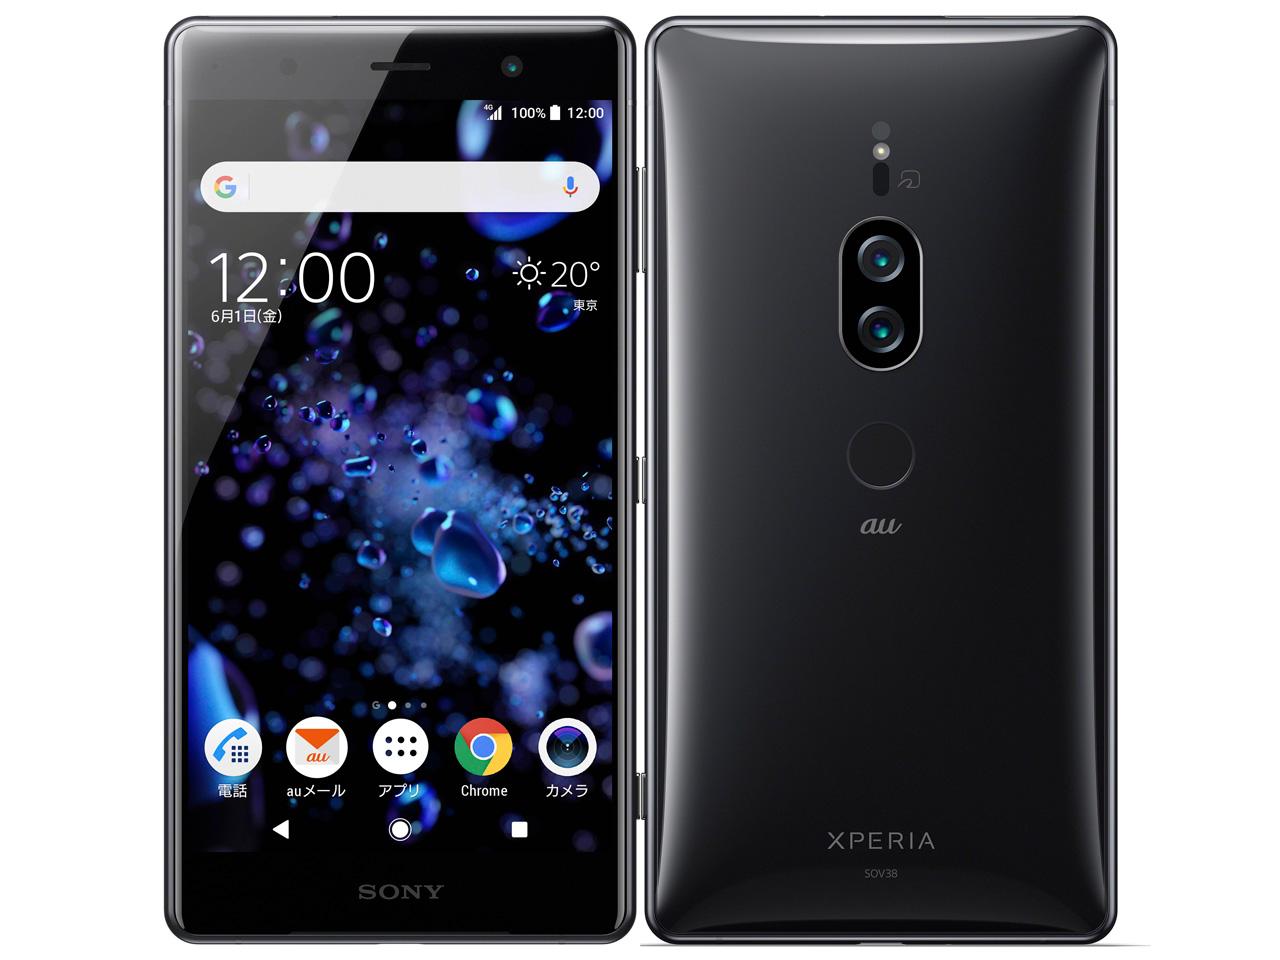 【新品・白ロム・本体】★simロック解除済みau Xperia XZ2 Premium SOV38 クロムブラック  スマートフォン 携帯電話 sov38 BLACK SOV38